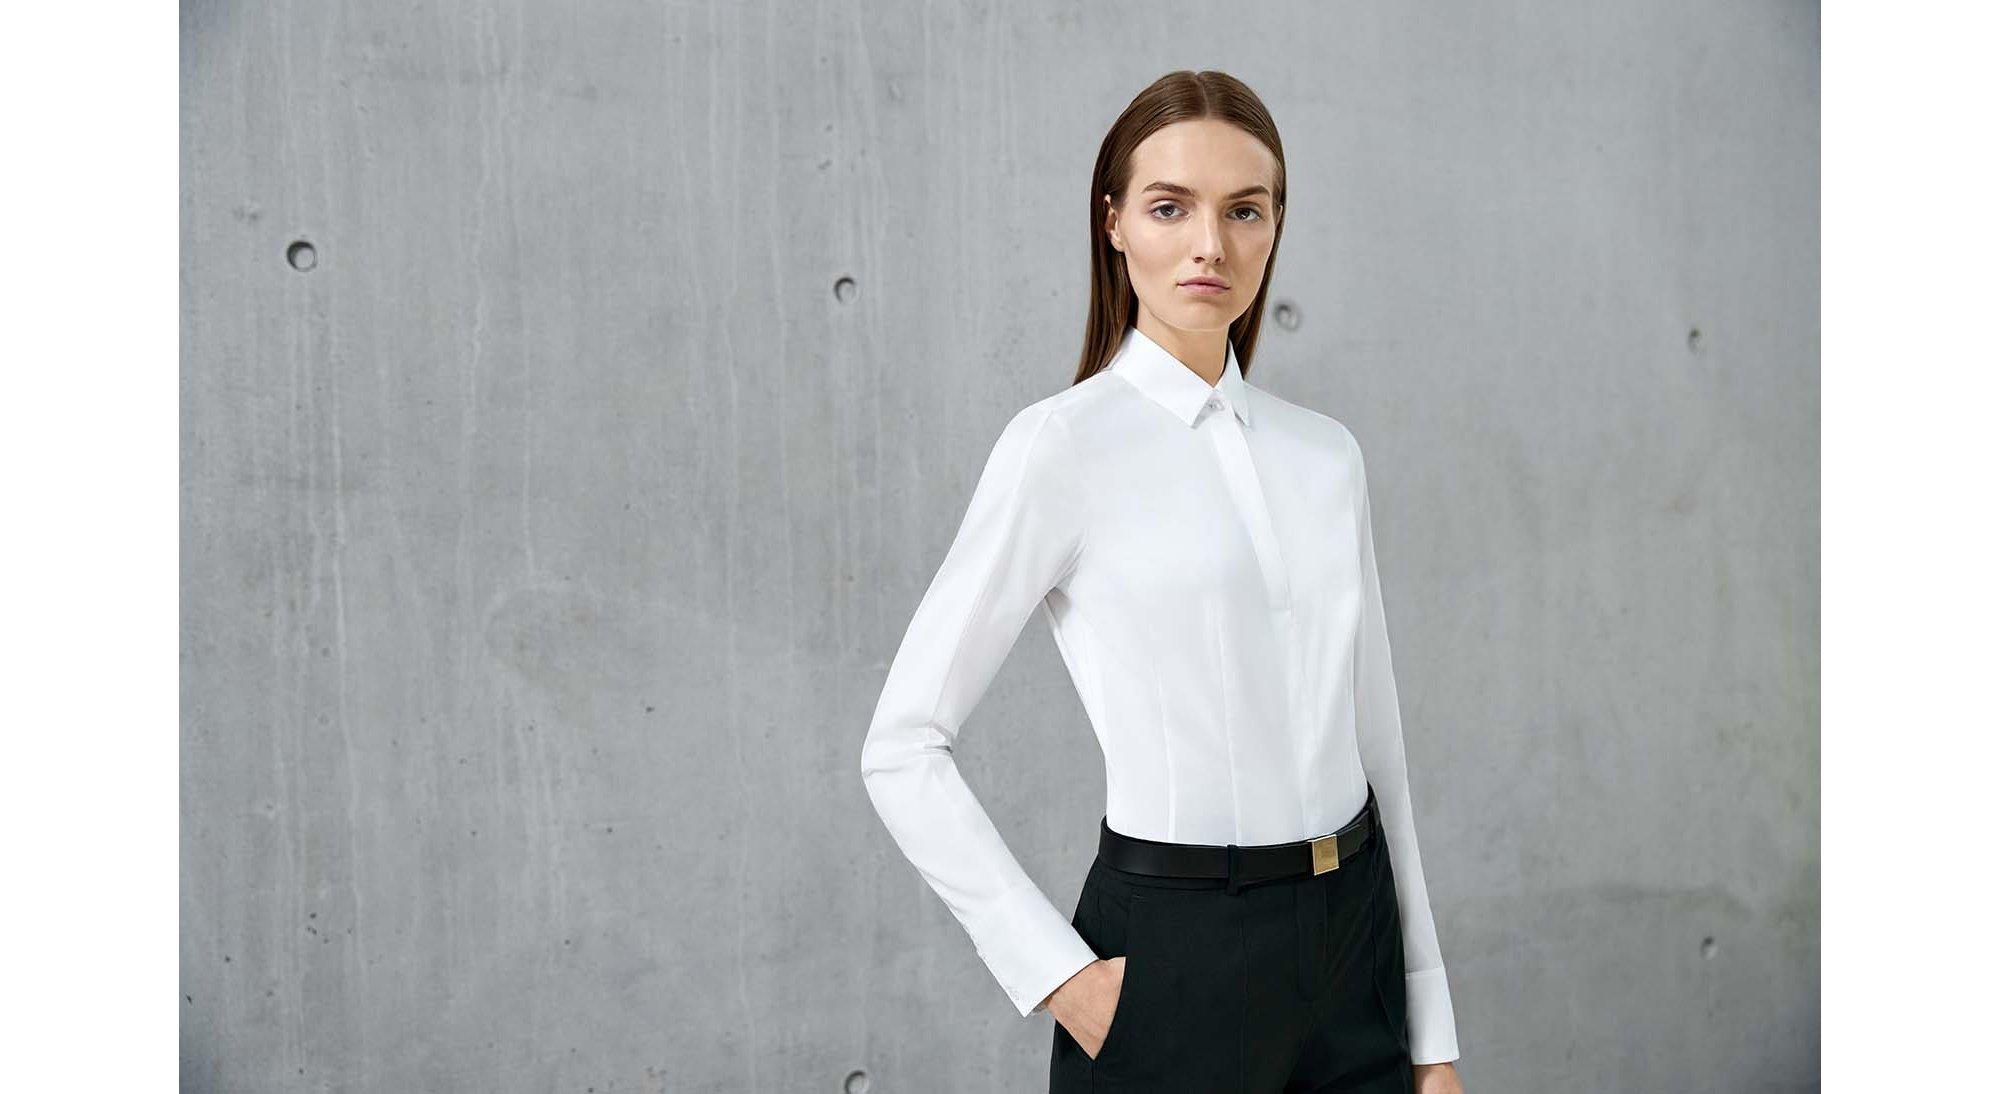 Chemise blanche et pantalon noir BOSS